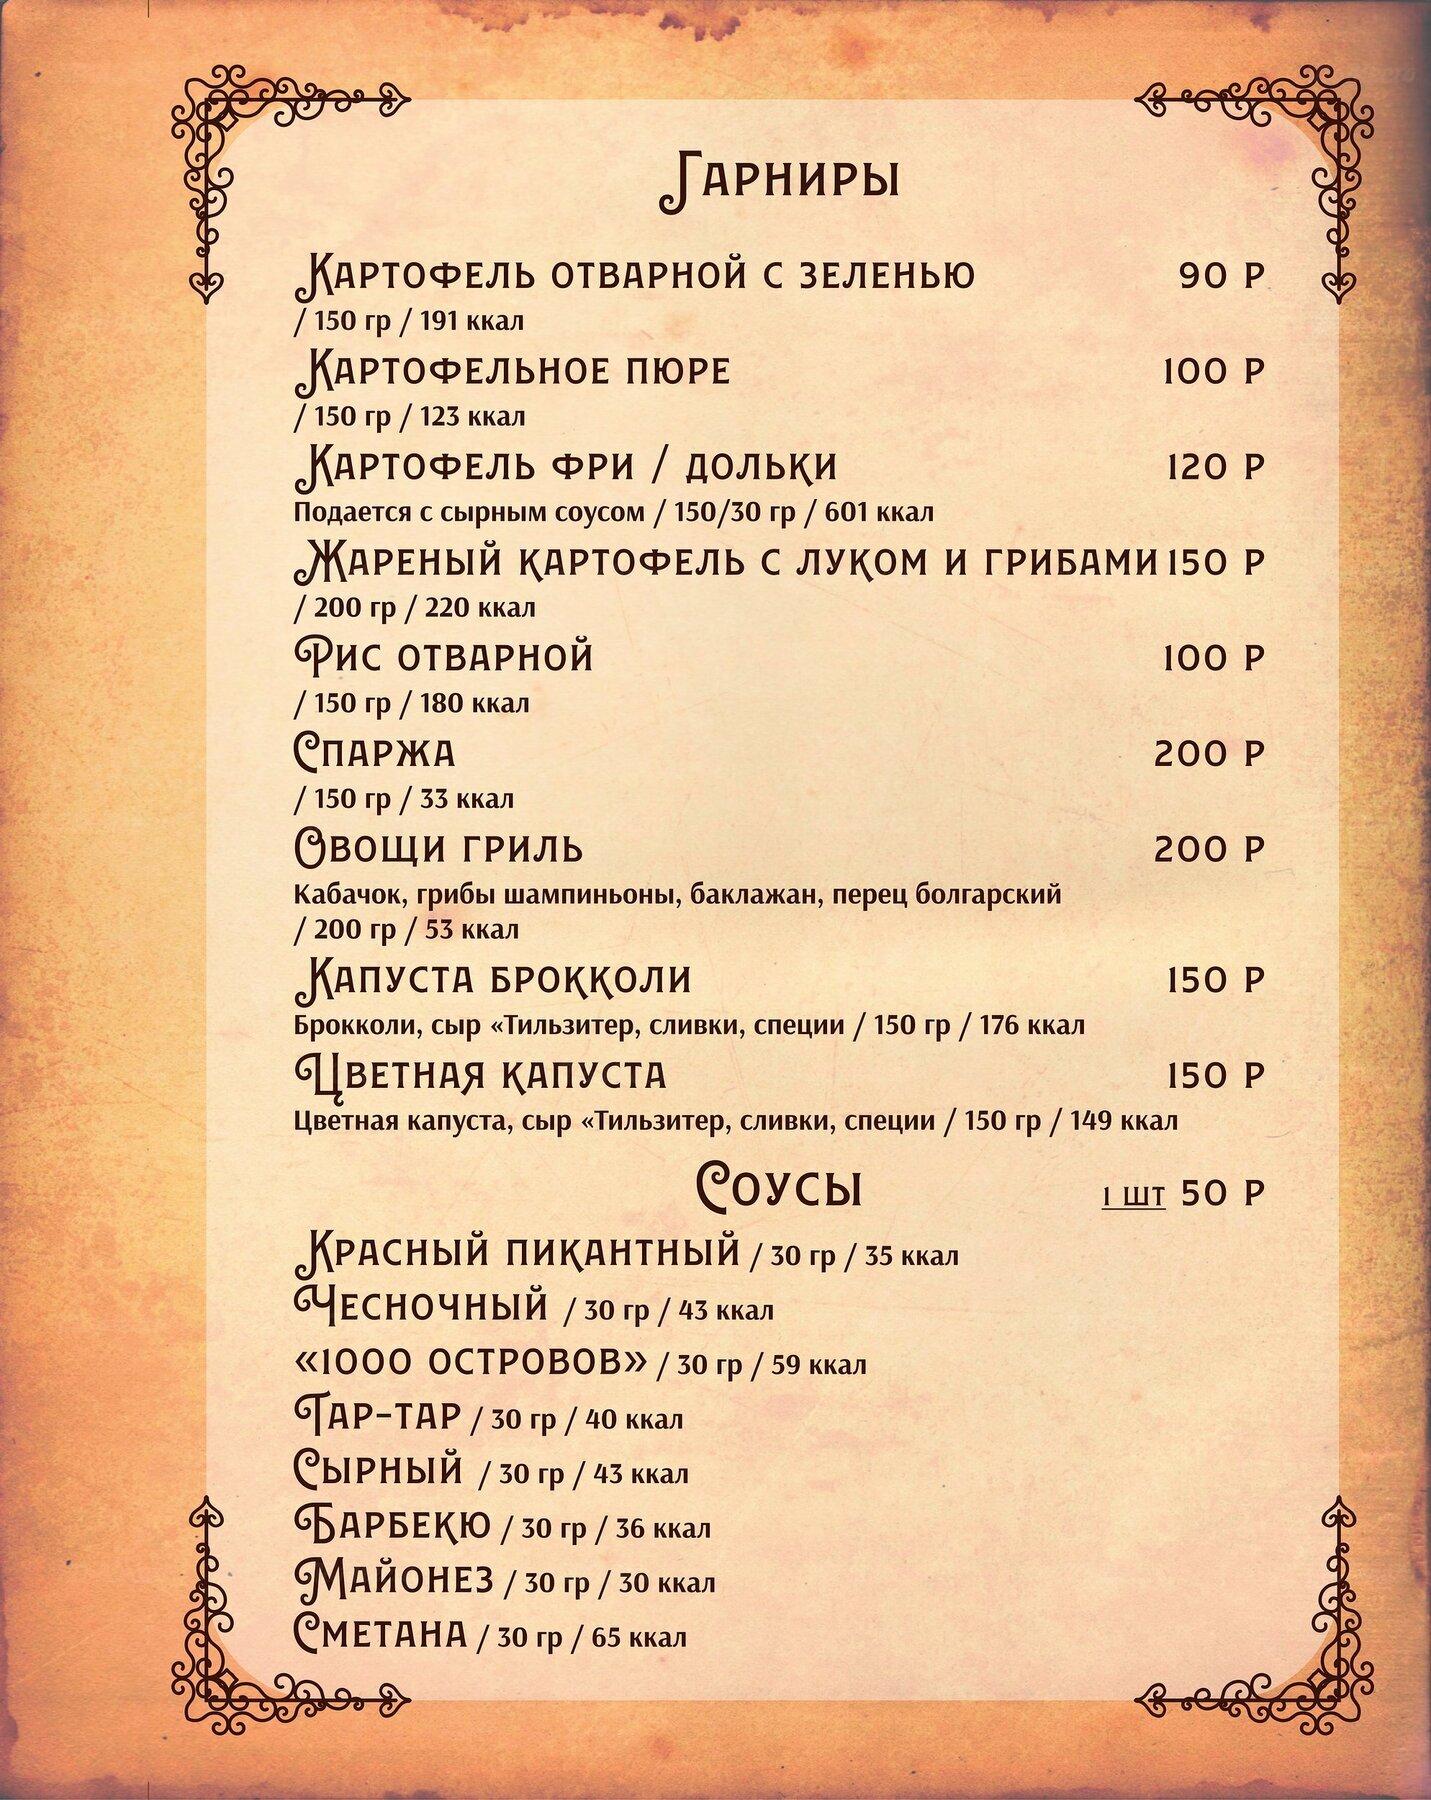 Меню кафе Грильяж на Октябрьской улице фото 13